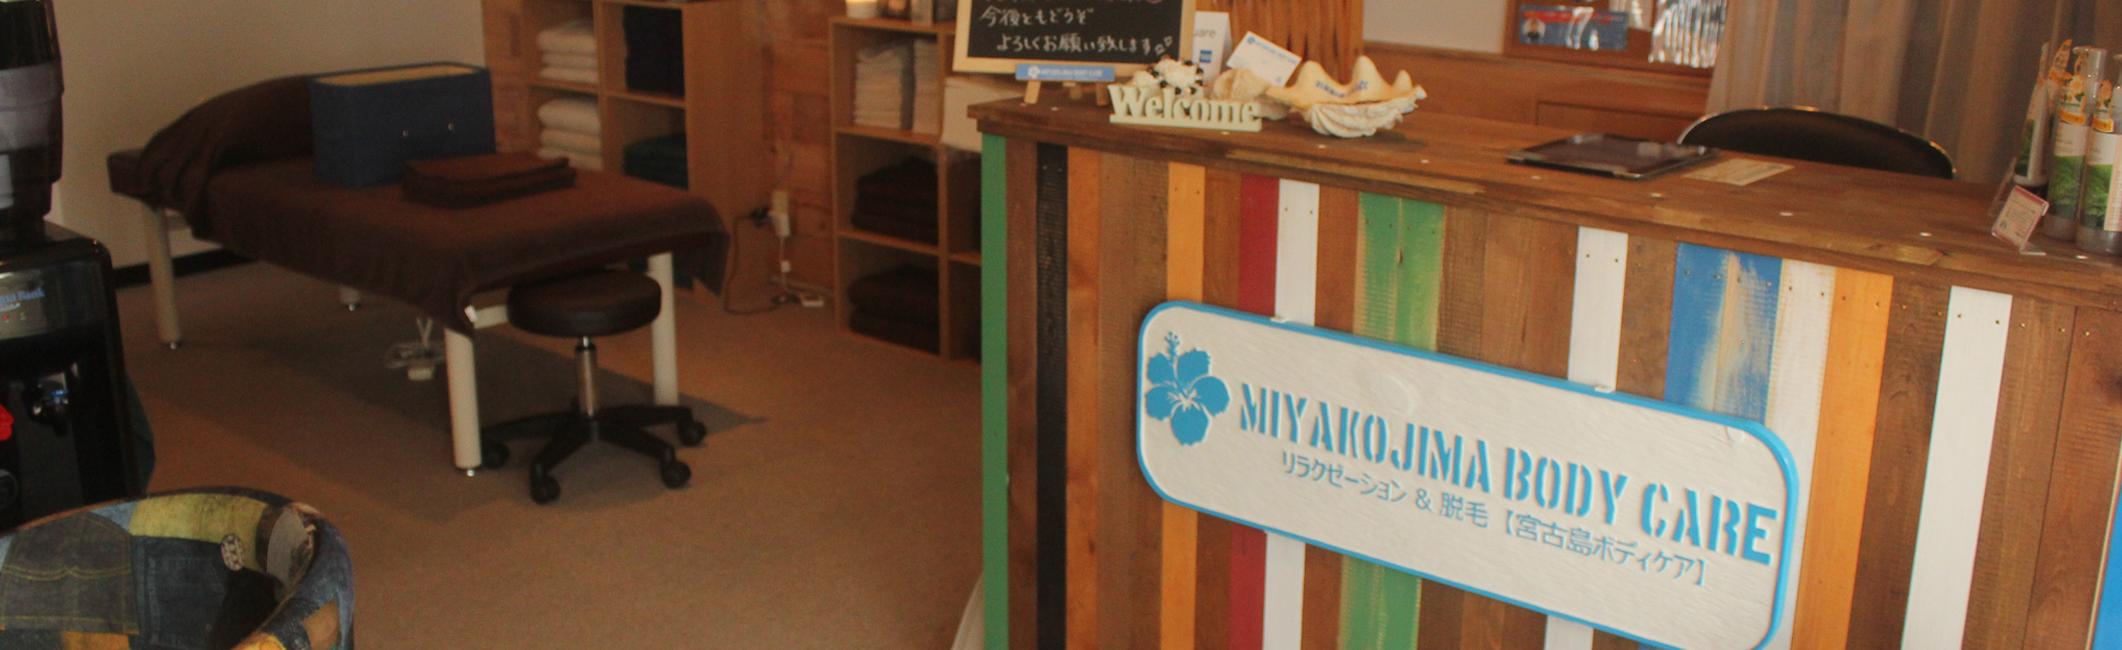 宮古島ボディケア 店内写真